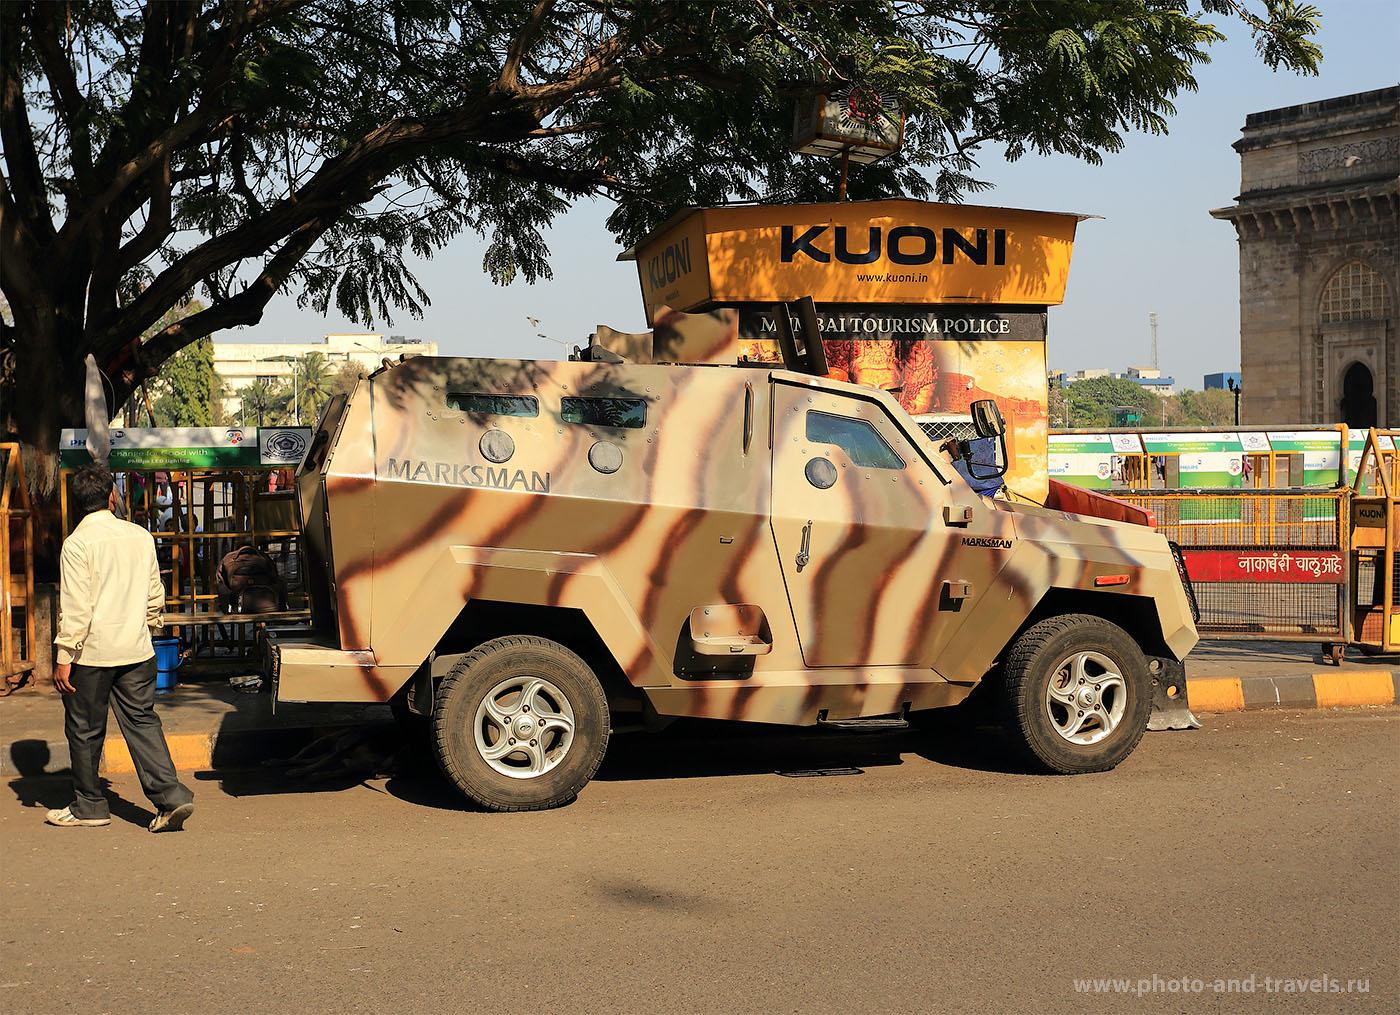 Фотография 10. После террористического акта на улицах Мумбаи часто встречаются броневики (1/400, f/6.3, ФР=40, ИСО 160). Отчеты о поездках в Индию